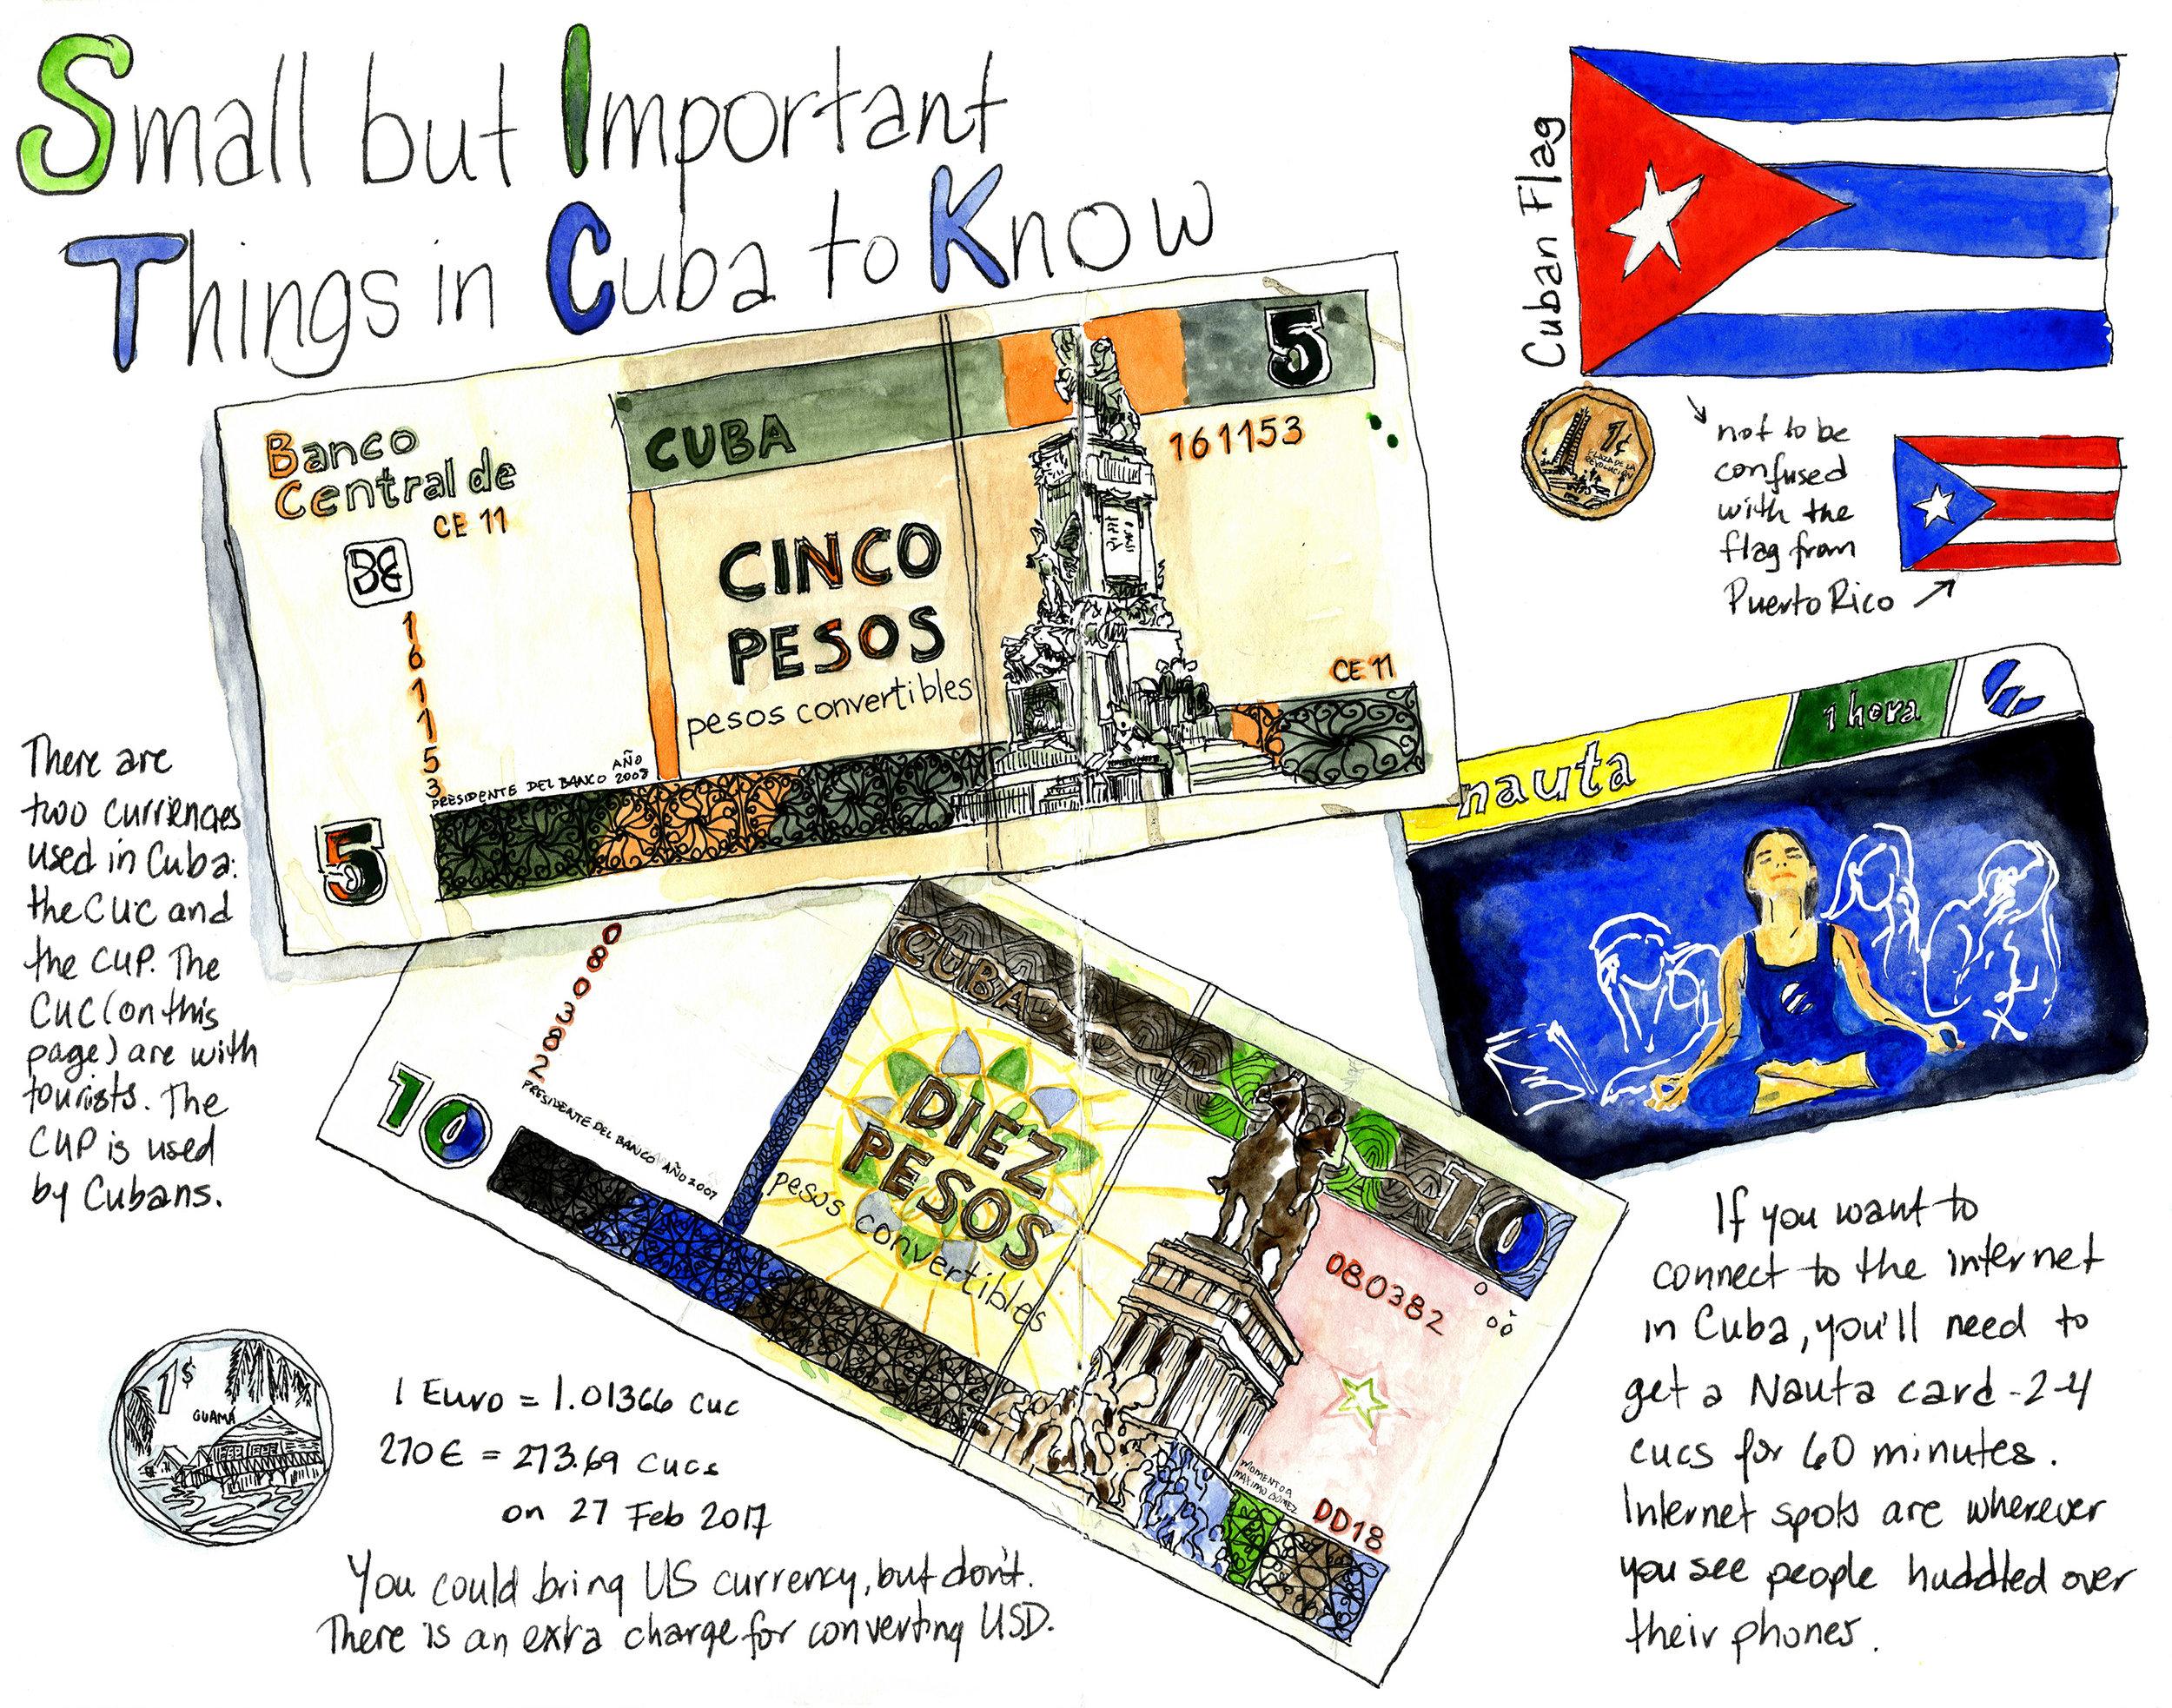 03-04 Cuba sm Money 300 dpi.jpg